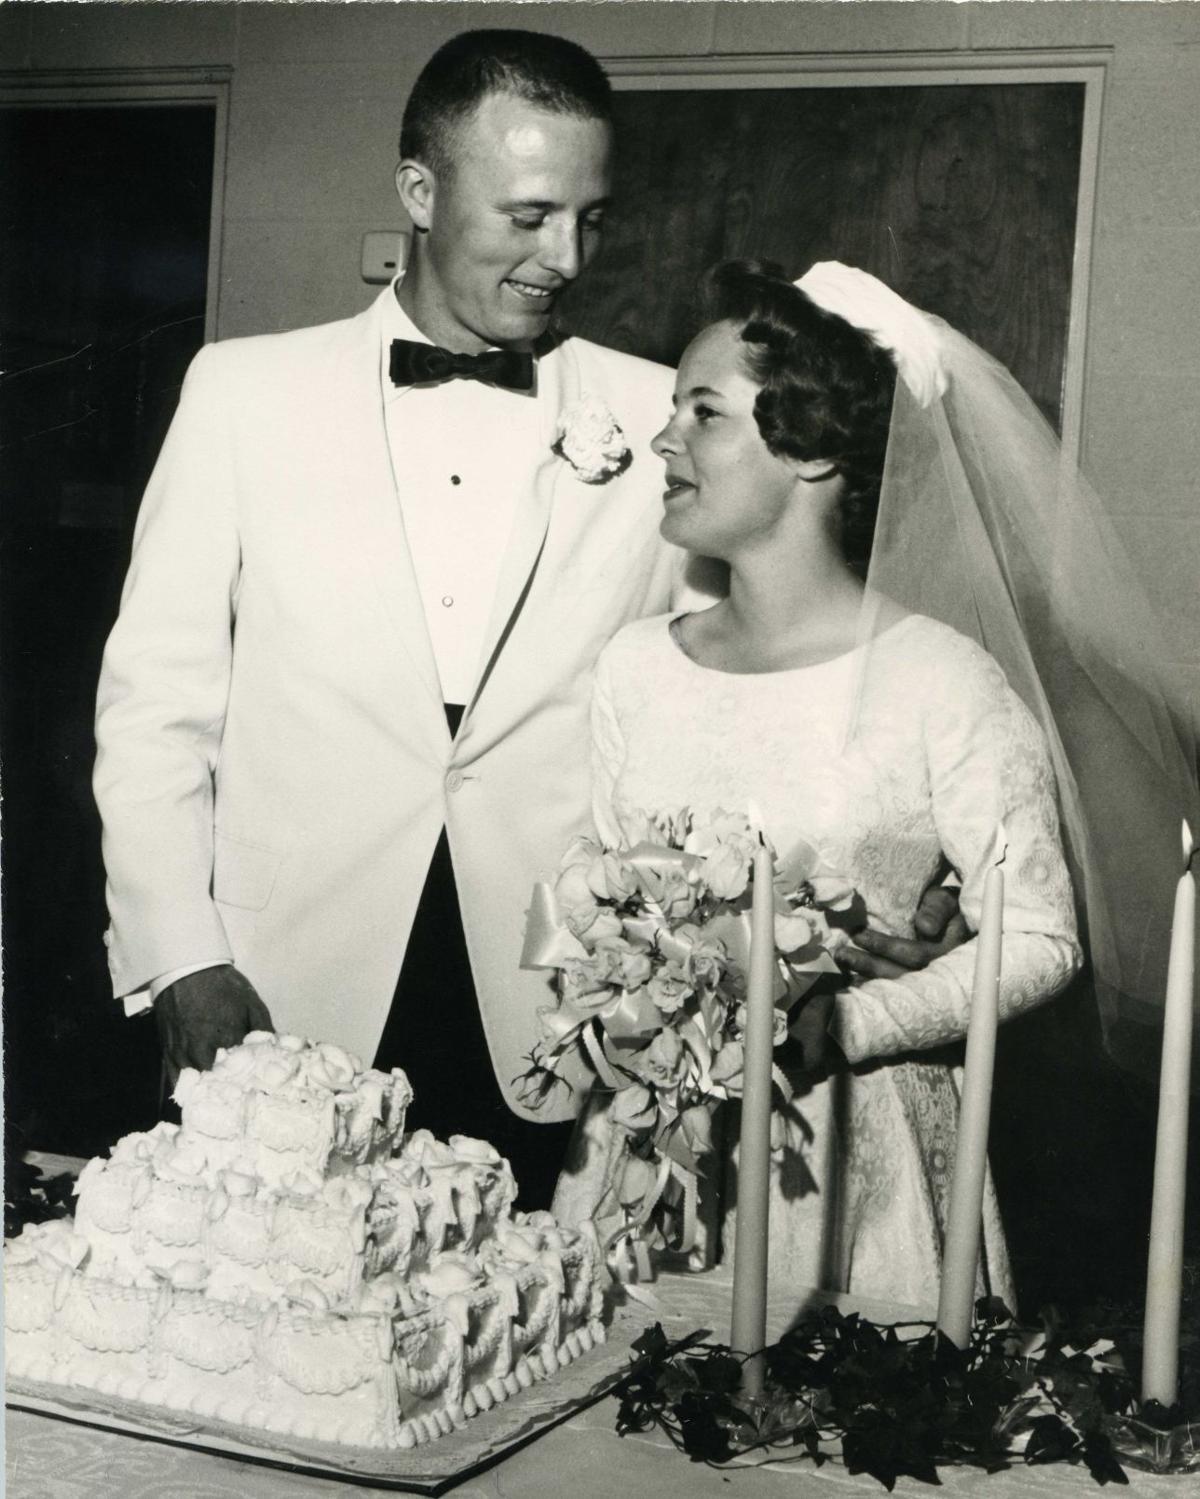 Wagstaff wedding